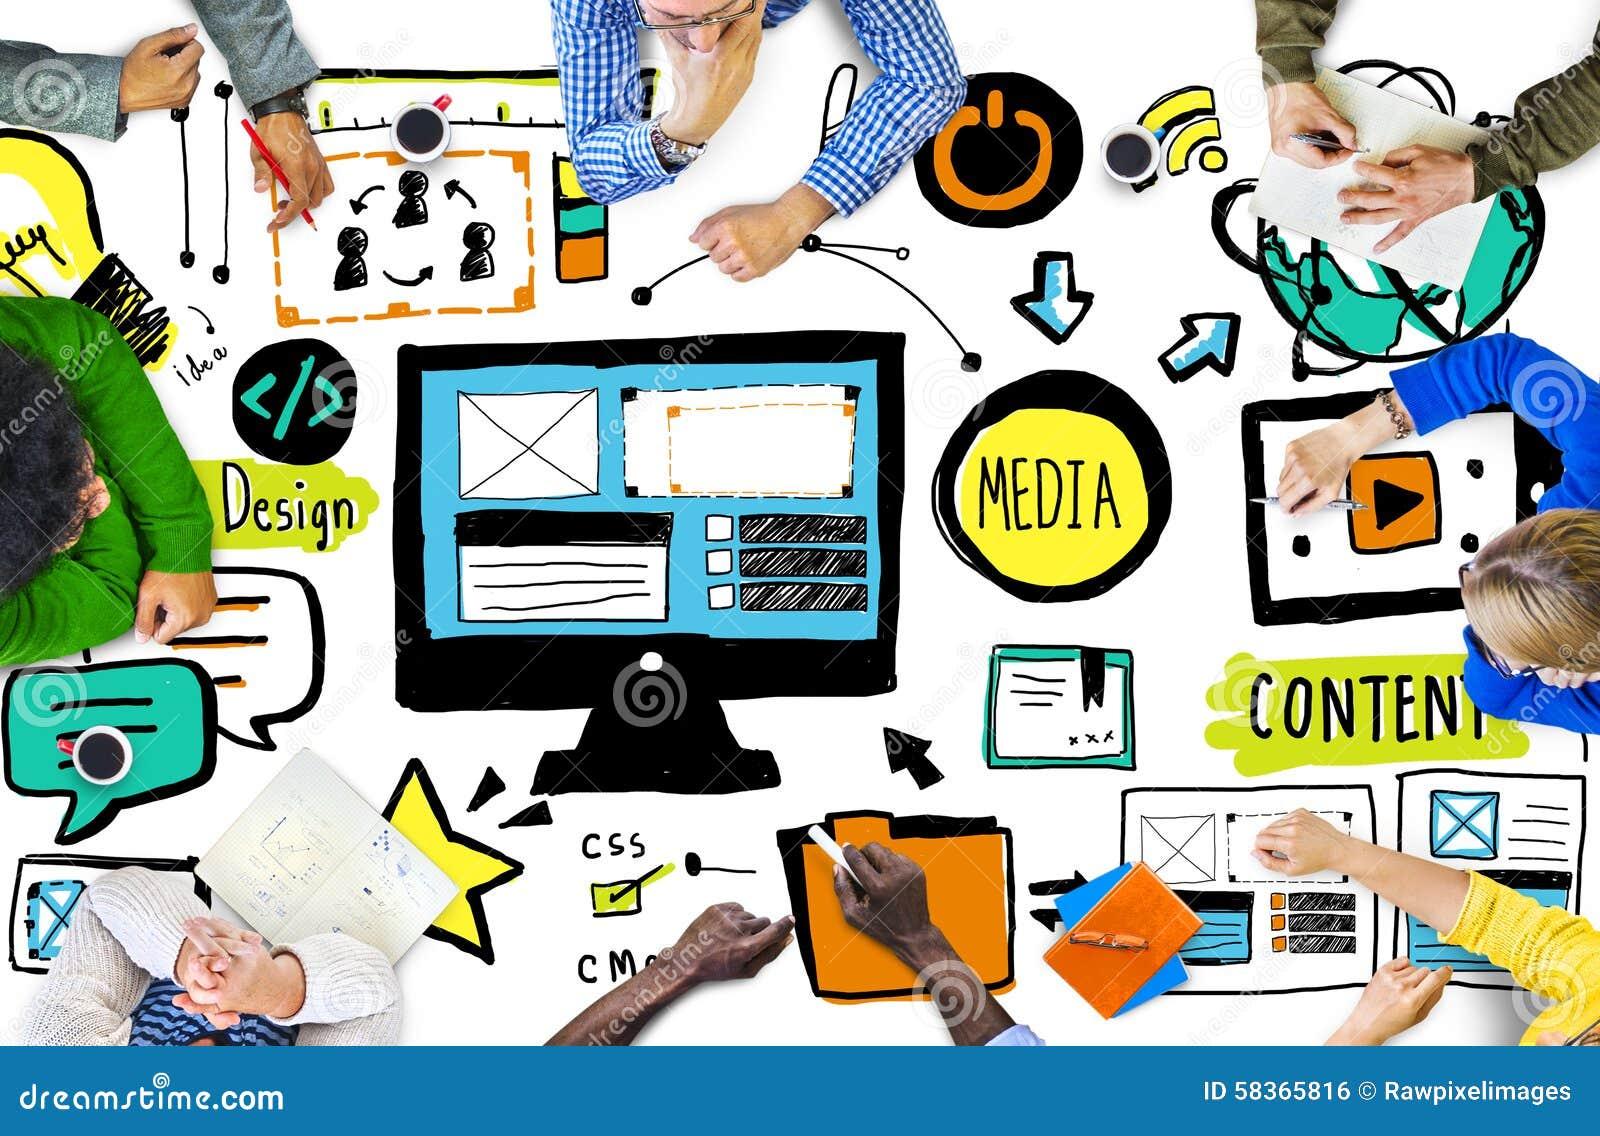 Concept occasionnel de séance de réflexion de réunion de web design de personnes de diversité